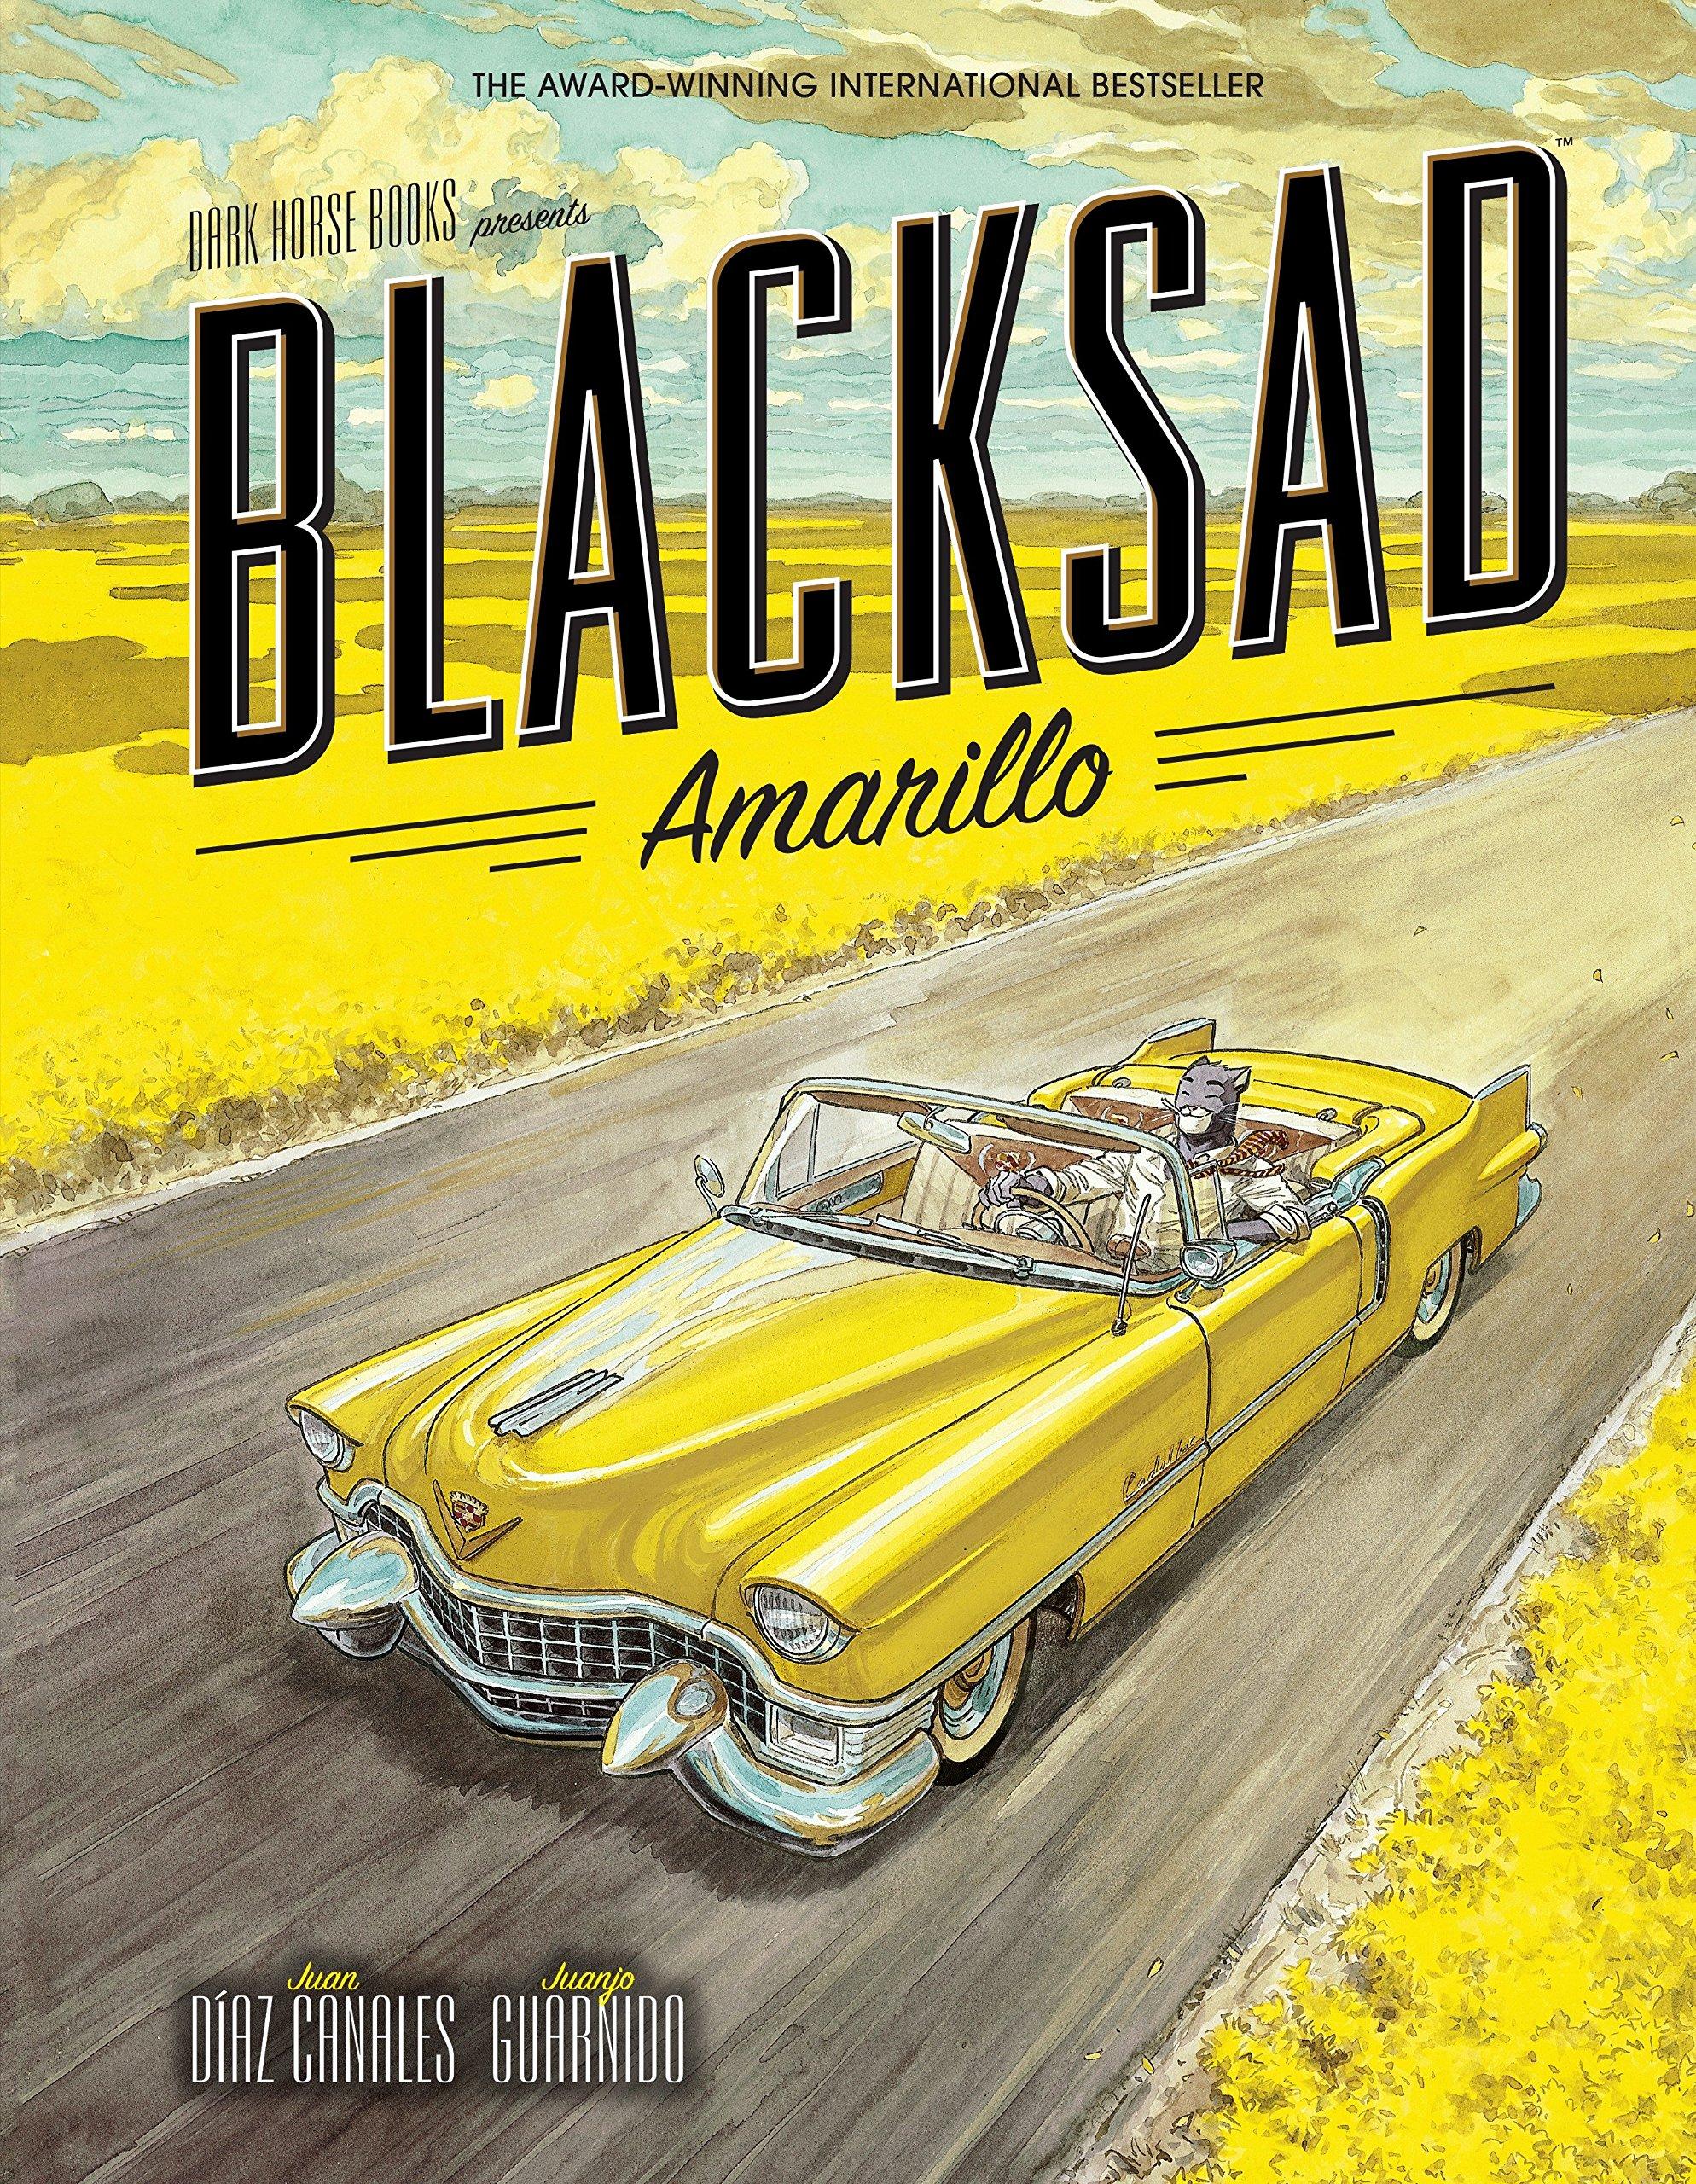 Blacksad: Amarillo: Amazon.es: Juan Diaz Canales: Libros en idiomas extranjeros